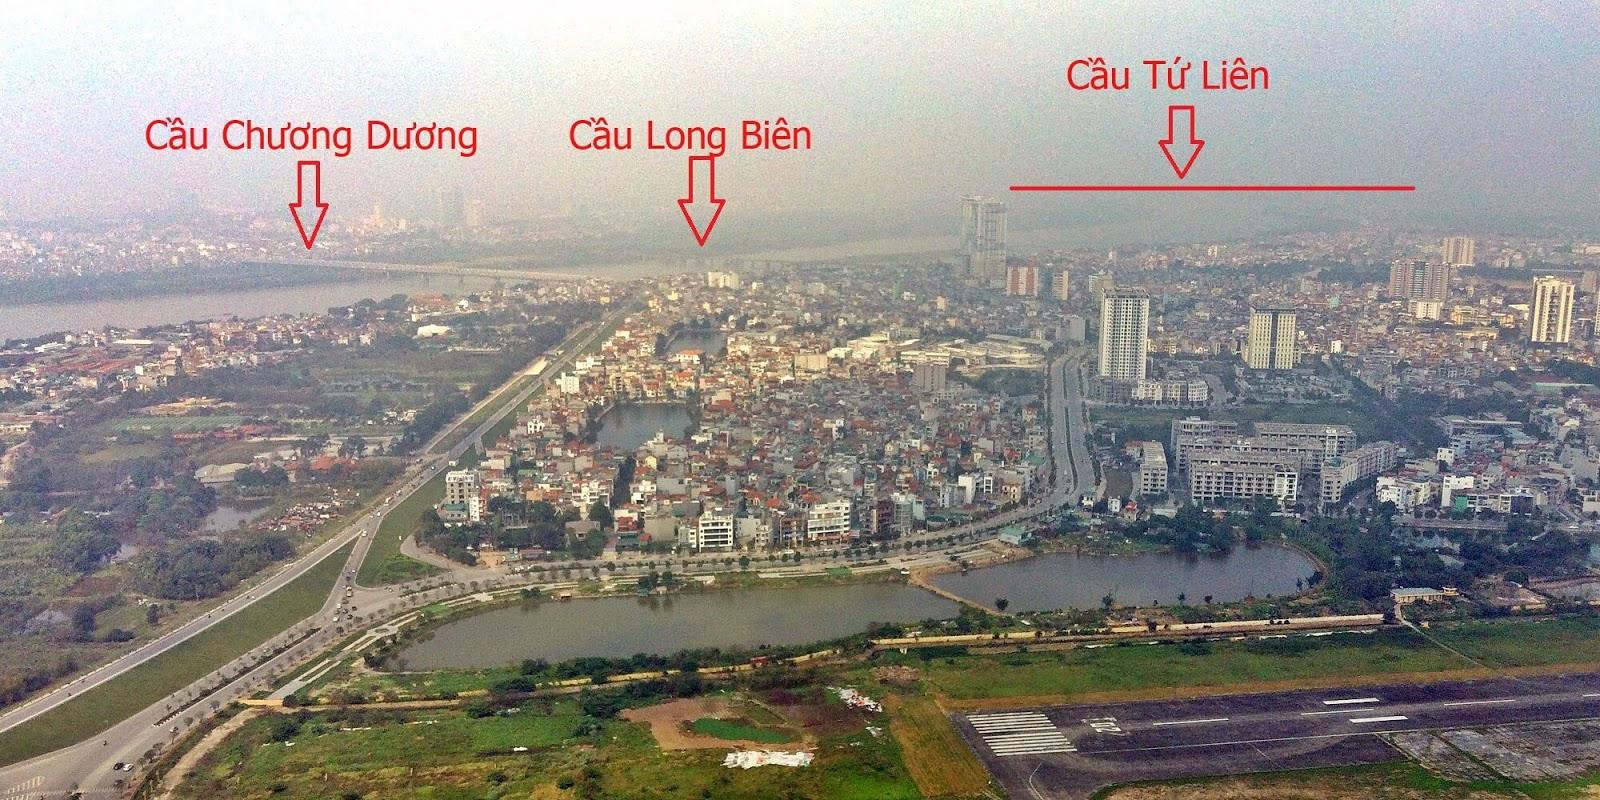 Cầu Tứ Liên nằm rất gần với cầu Long Biên và cầu Chương Dương.